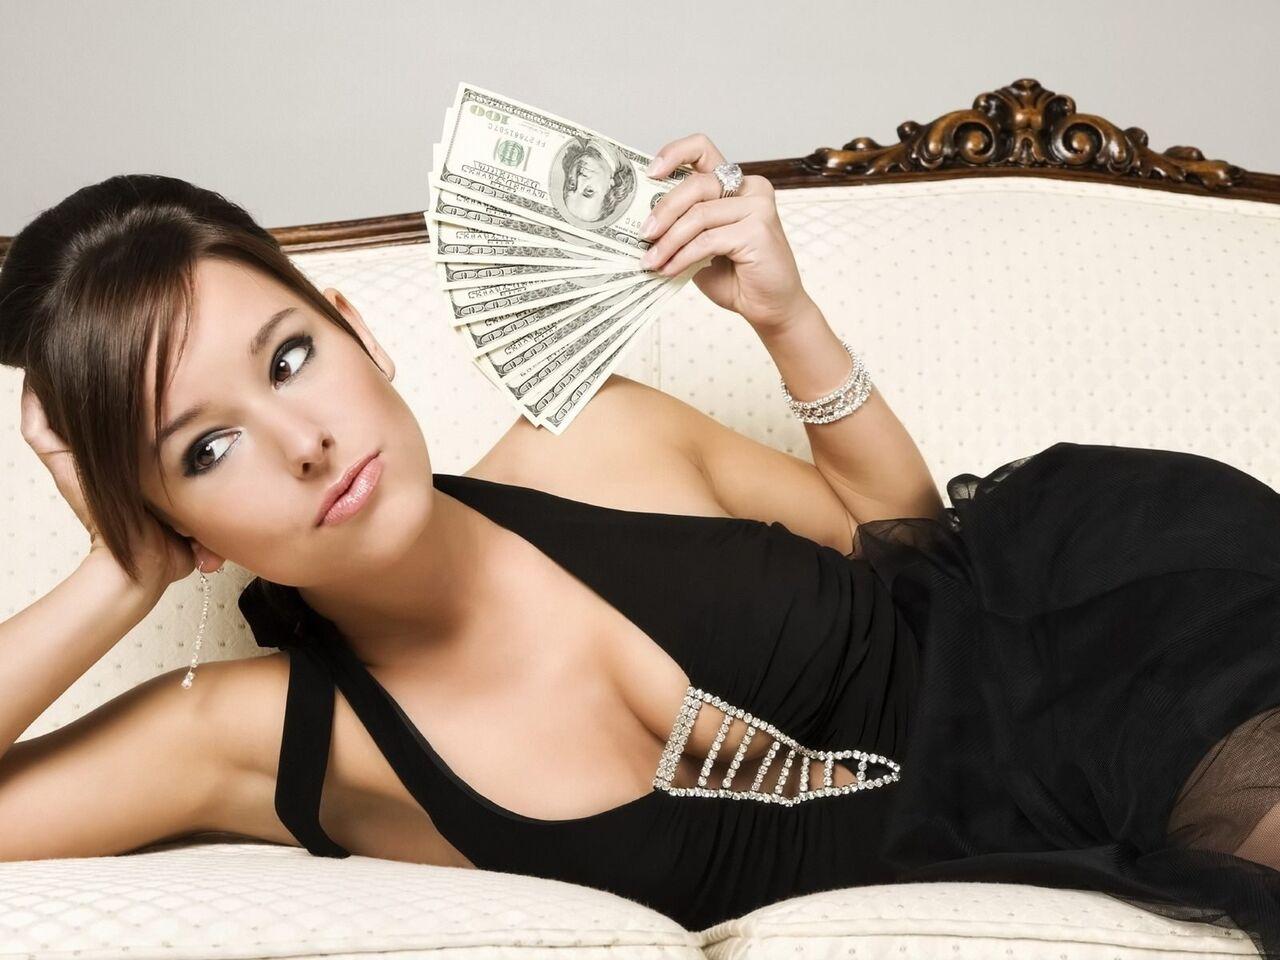 Ученые узнали, каких мужчин женщины выбирают впроцессе финансового кризиса